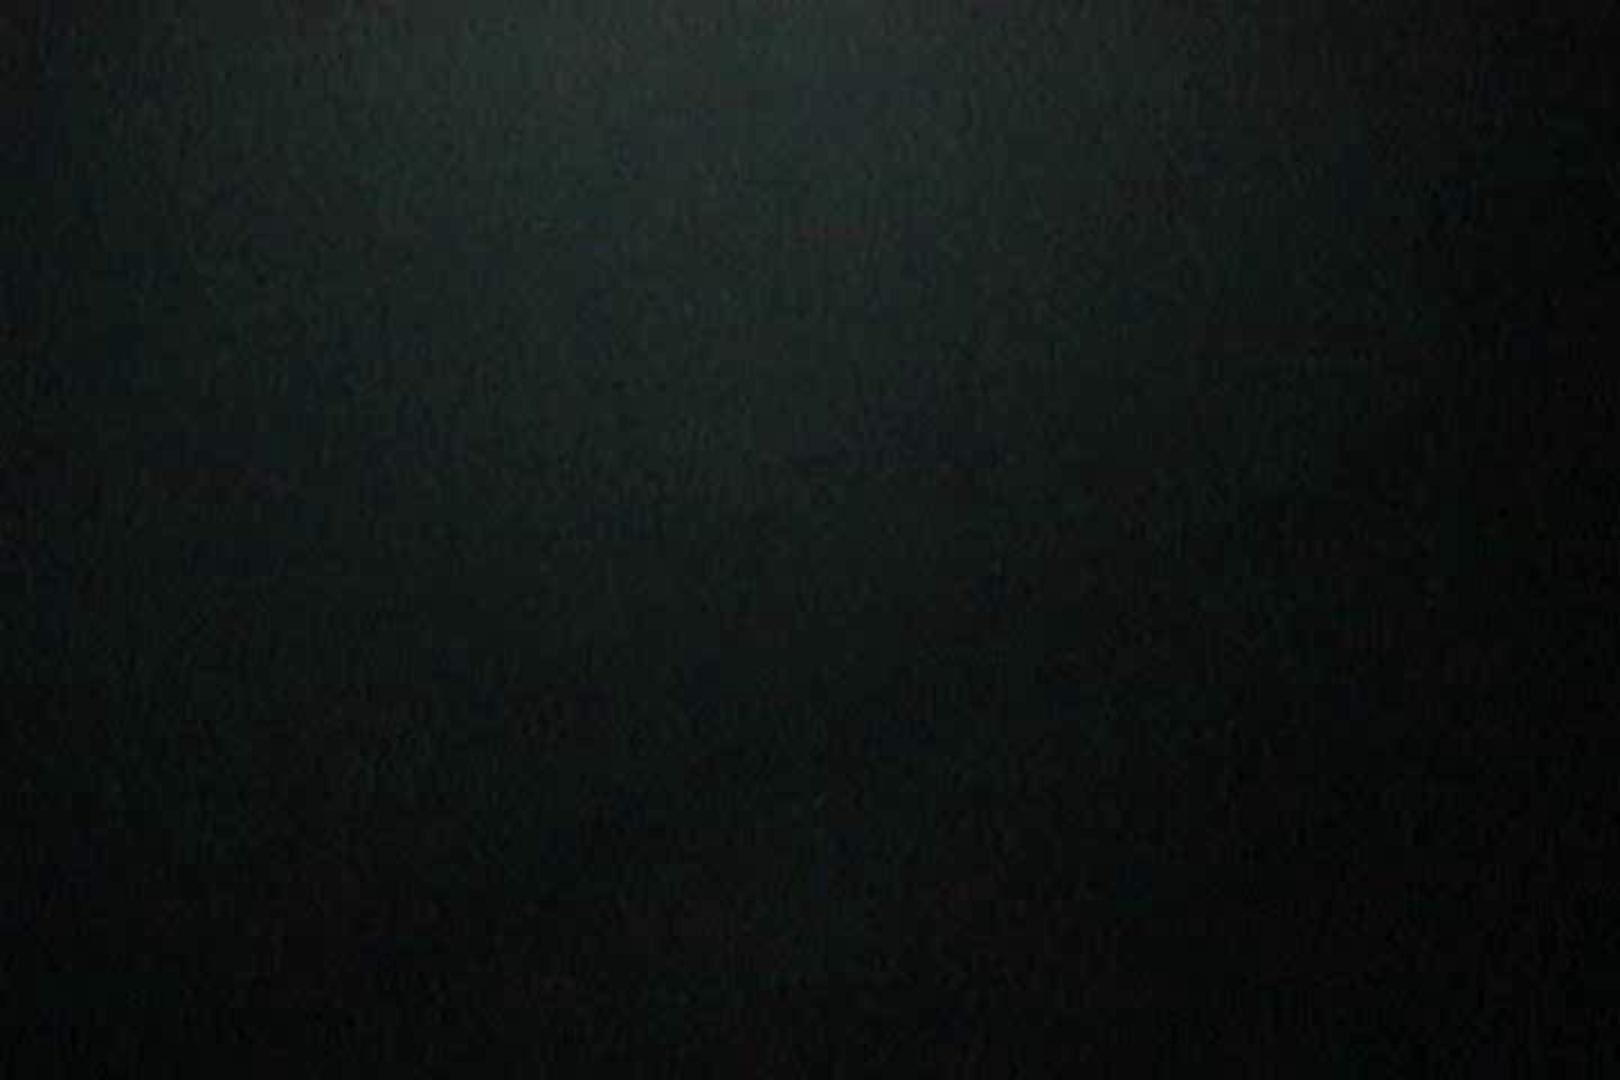 充血監督の深夜の運動会Vol.8 チクビ  98枚 84